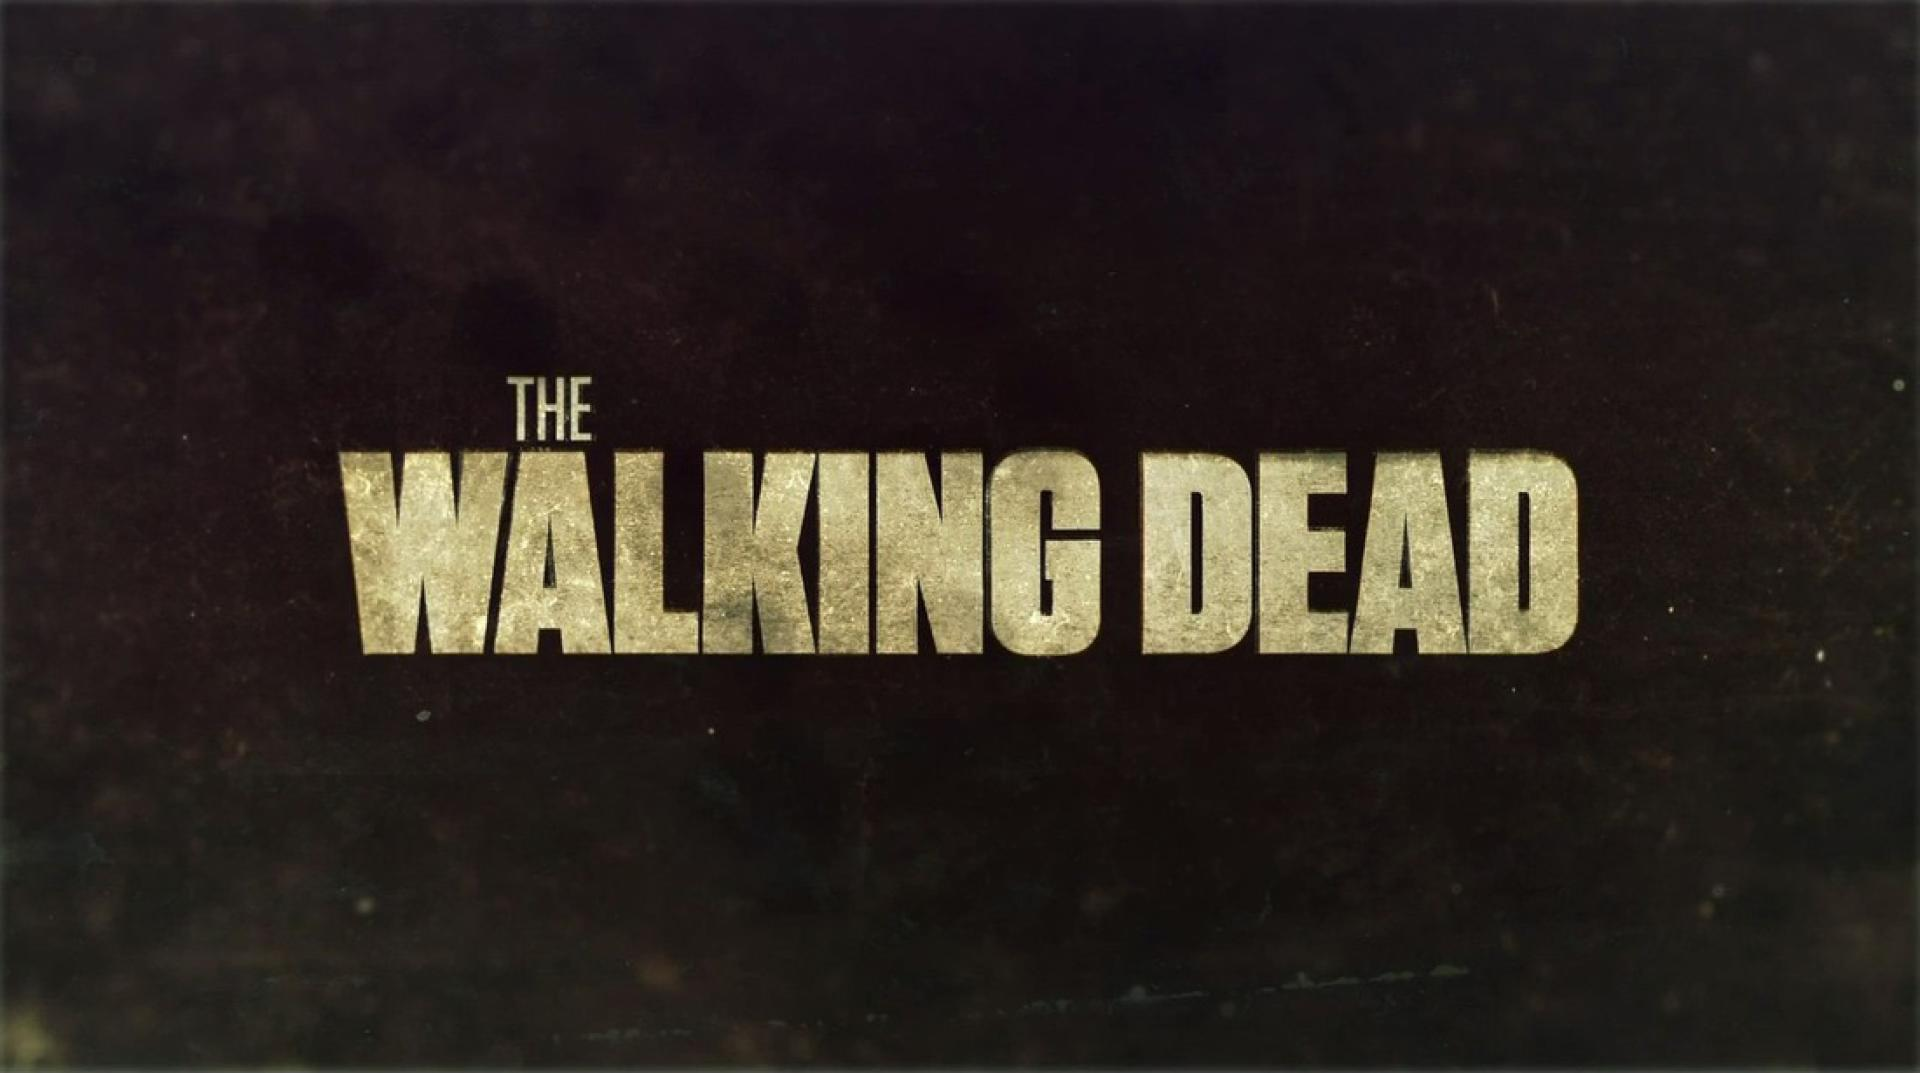 The Walking Dead 5x12 - előzetes